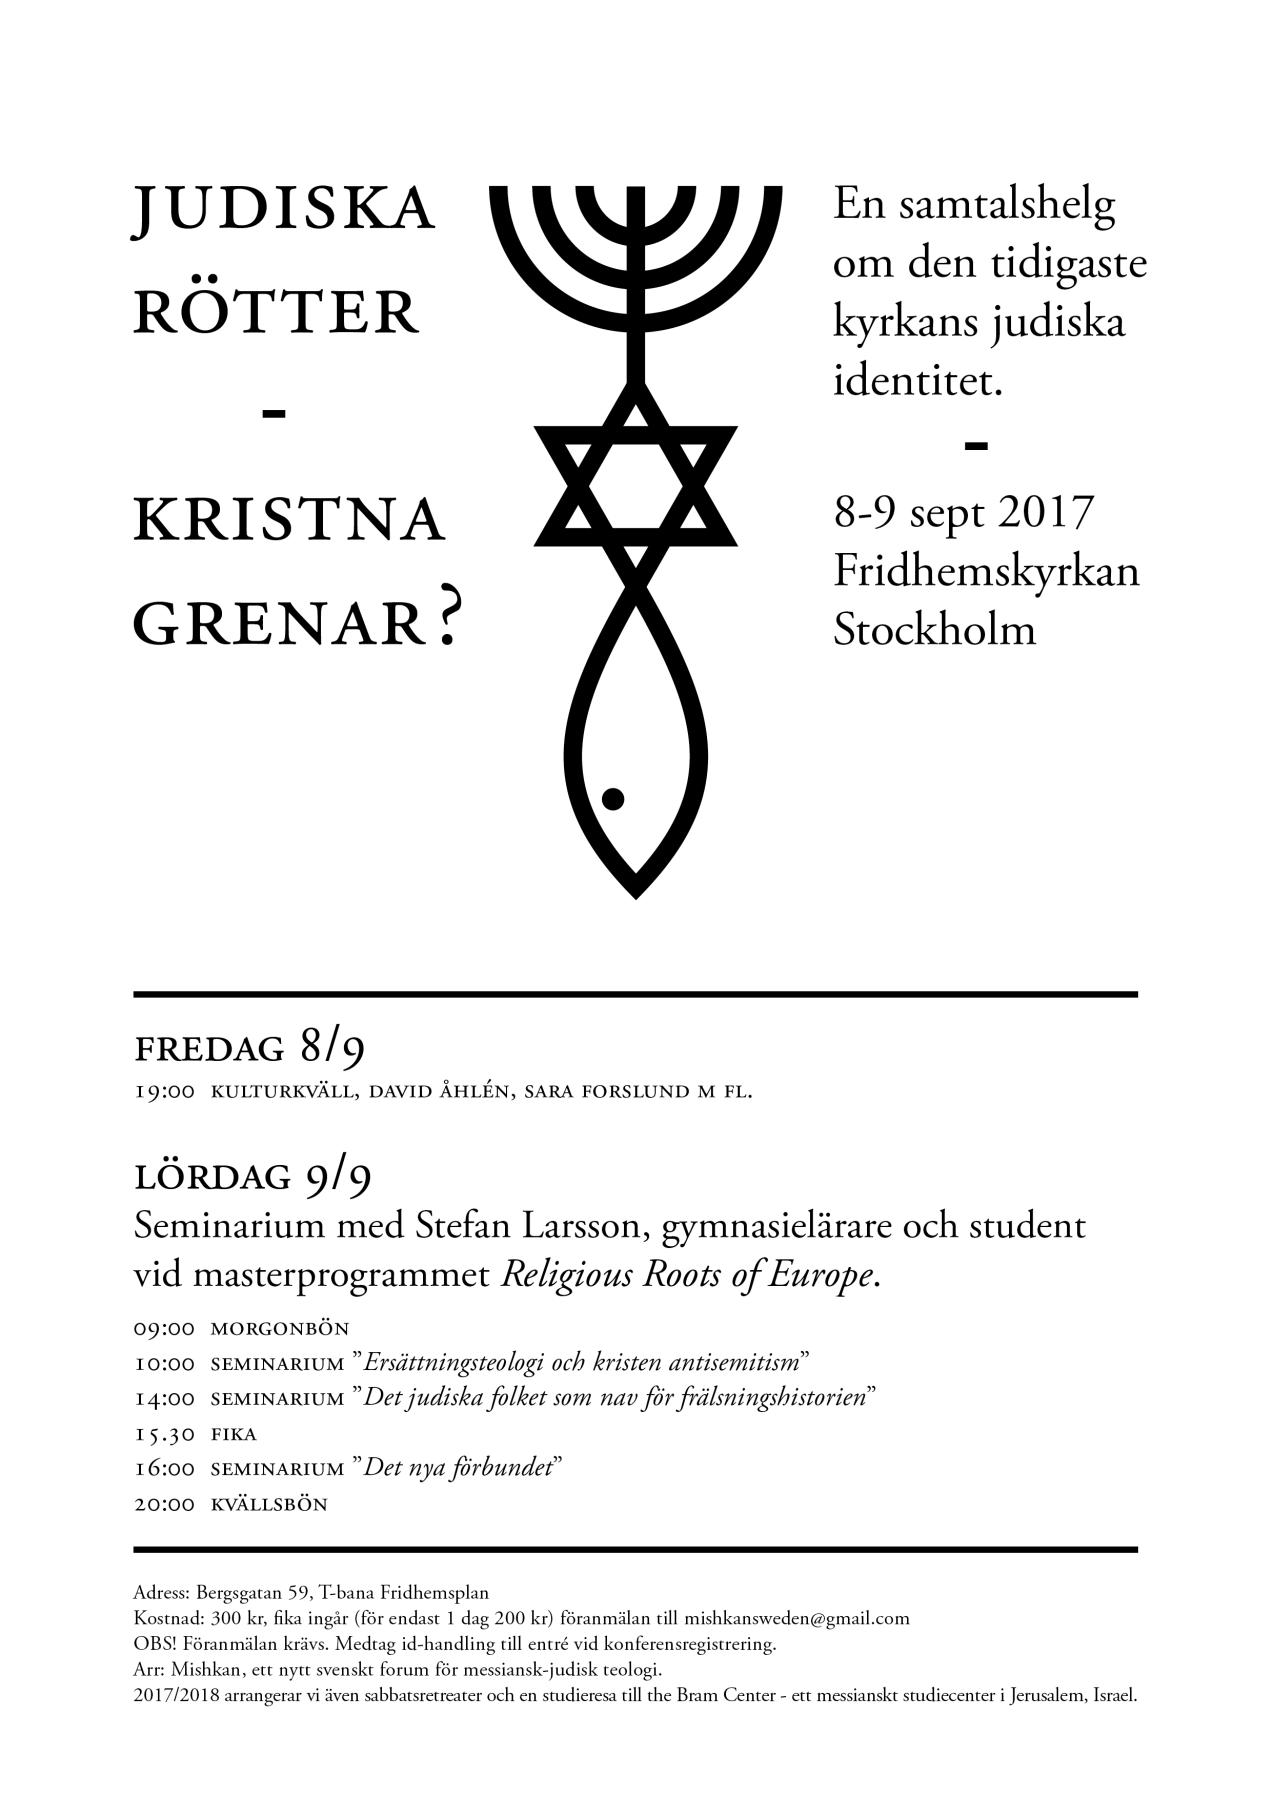 Judiska rötter Kristna grenar - A4 poster version 1